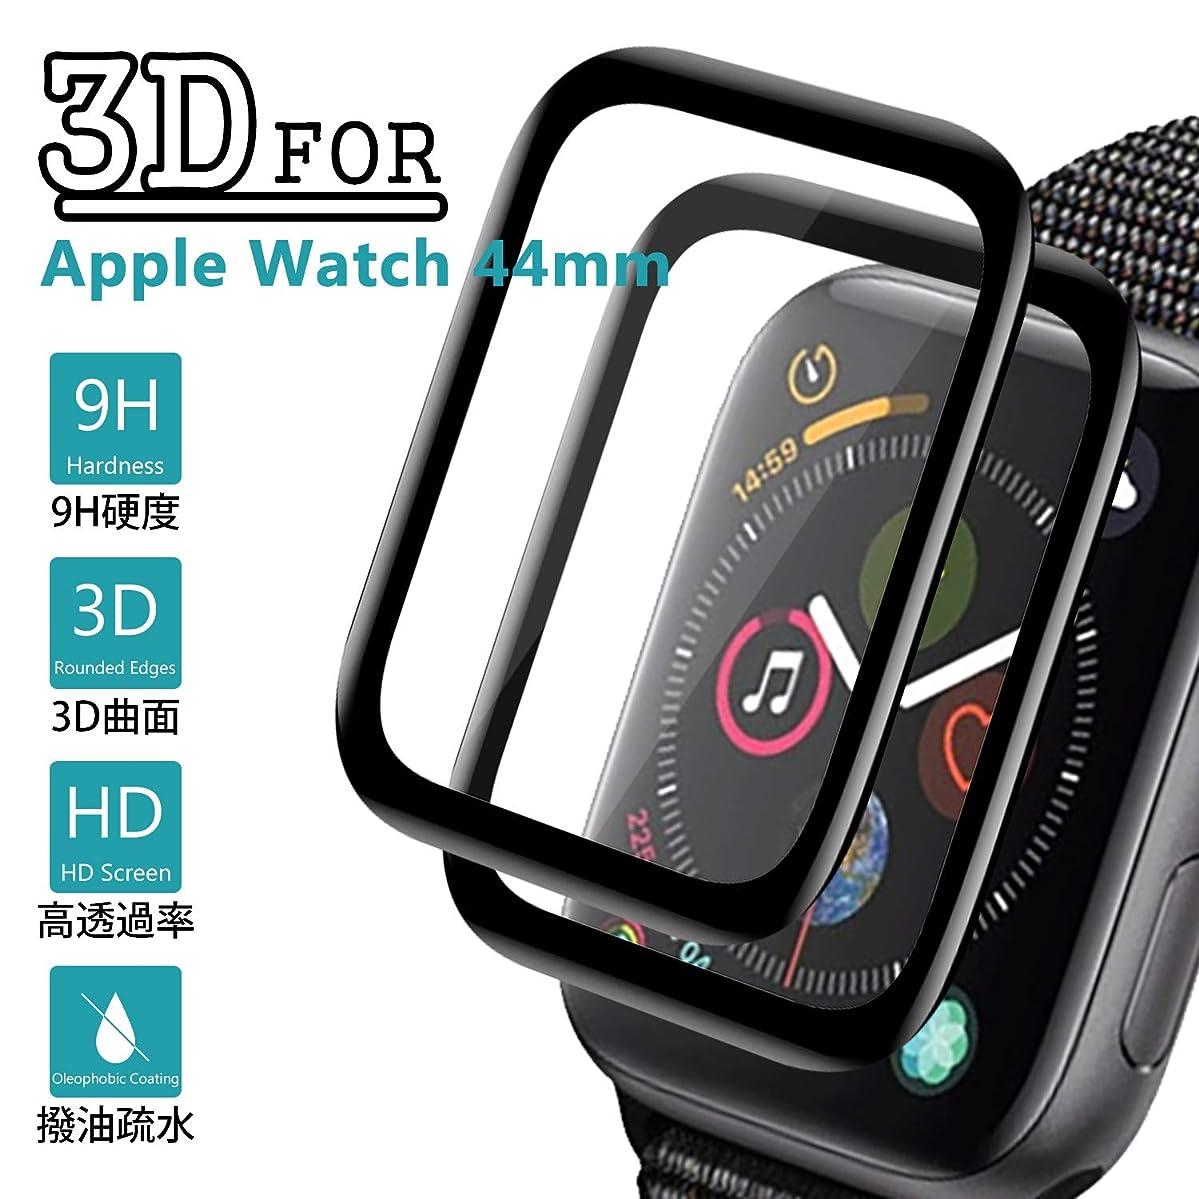 ピアースソブリケットコットンApple Watch フィルム Series4 44mm Ossky 日本製素材旭硝子 Apple Watch ガラスフィルム 最新3D曲面技術 全面保護 炭素繊維 曲面カバー 高透過率 耐指紋 硬度9H アップルウォッチ フィルム 2枚セット